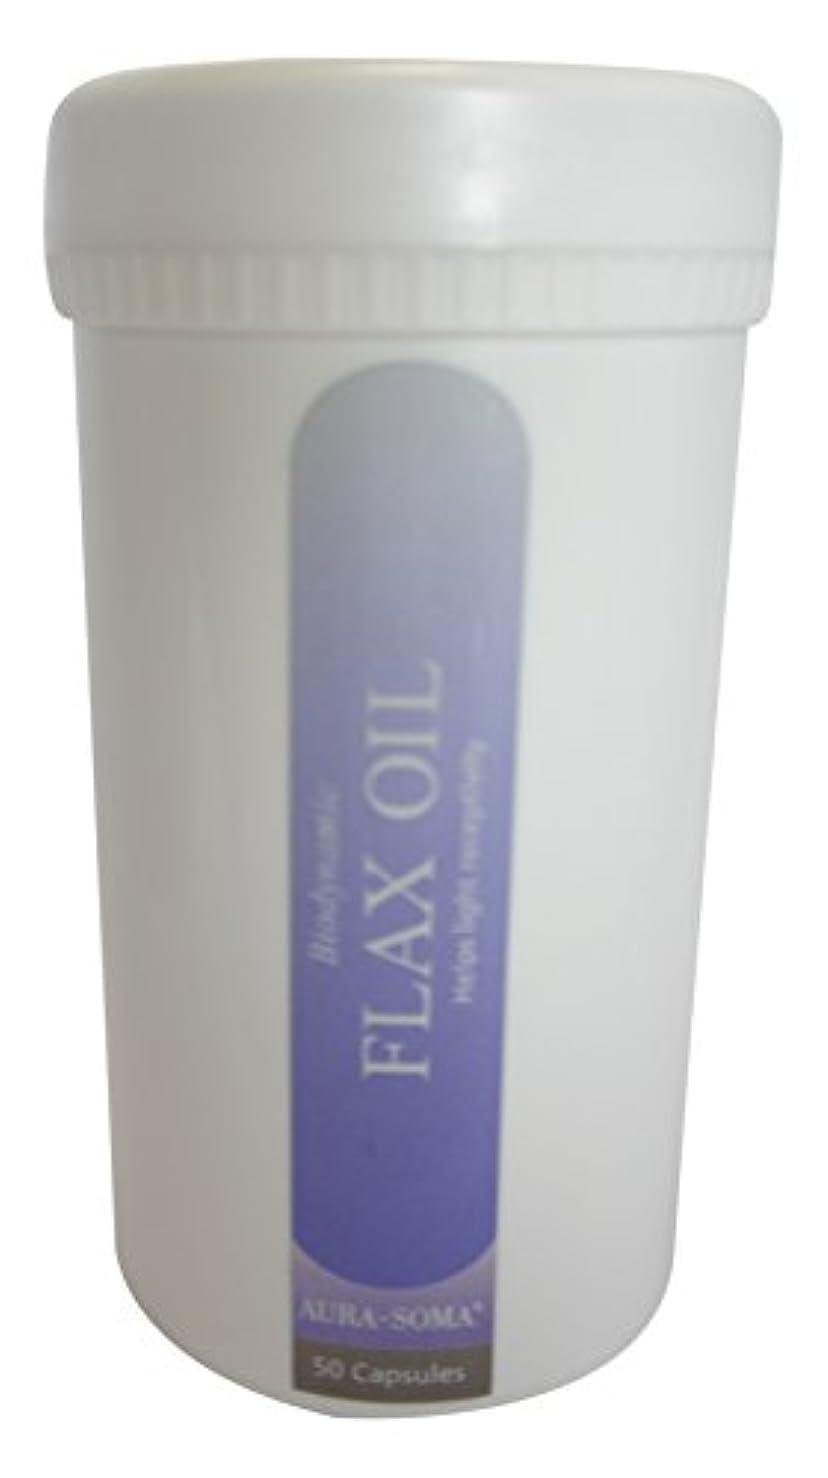 軽蔑する豊富なけん引SFLXフラクスオイル FlaxSeedOil アマニ油栄養補助食品 100g